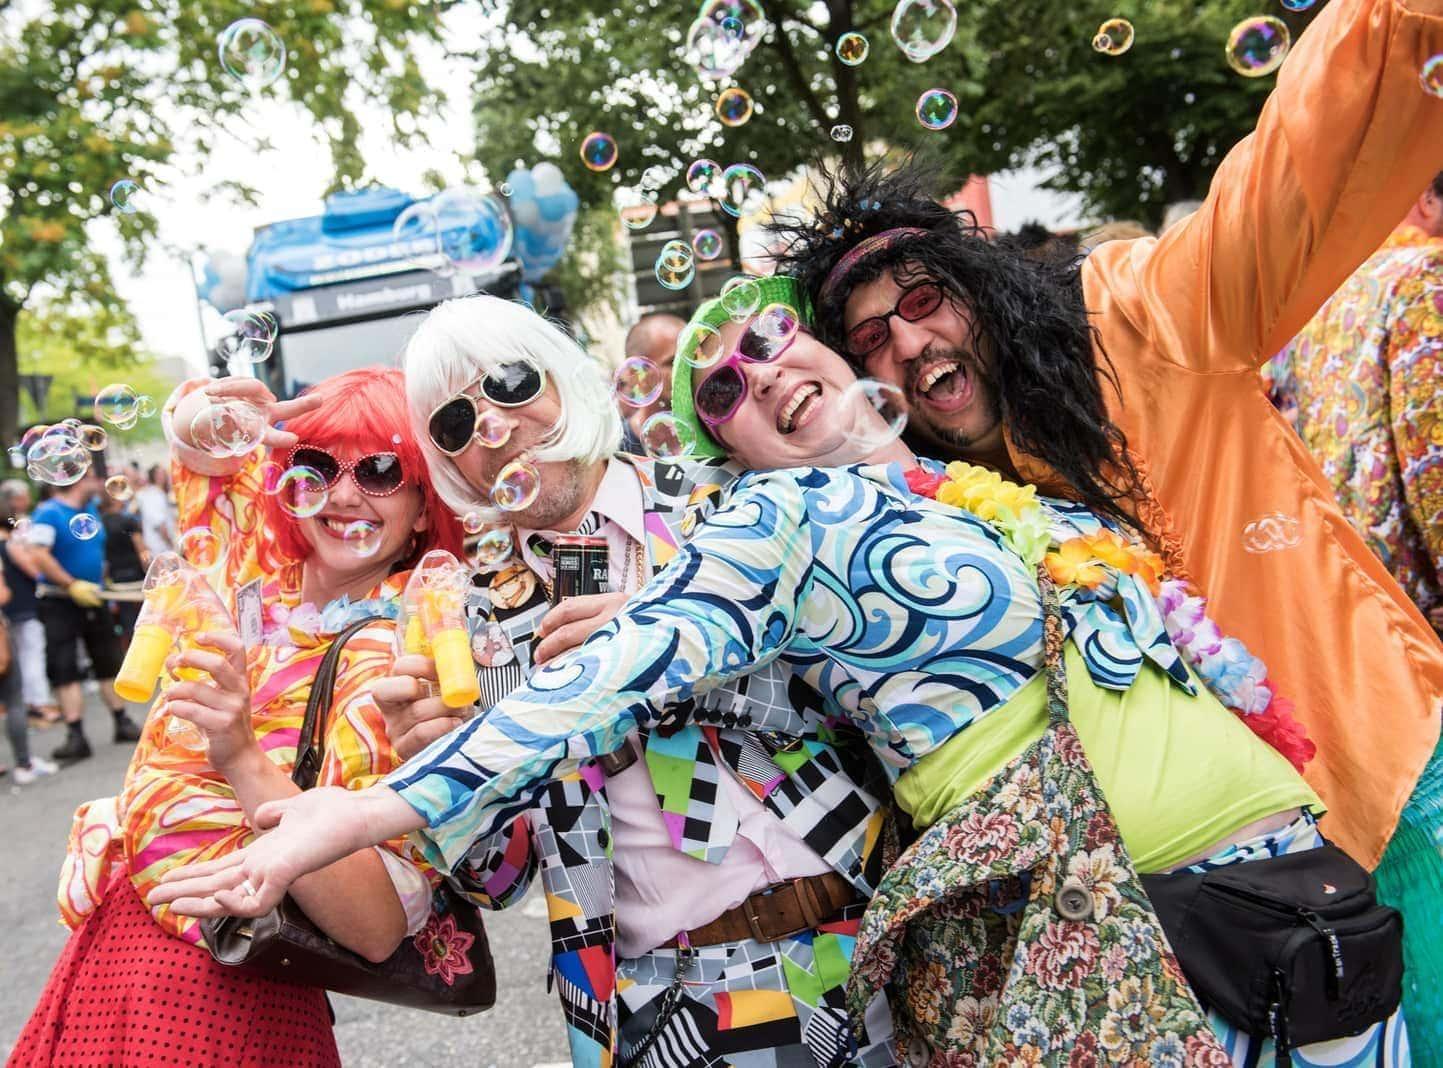 <p>Zur Aftermove-Party am frühen Abend auf dem Heiligengeistfeld sollten DJs und weitere prominente Künstler den Besuchern einheizen.</p> Foto: dpa